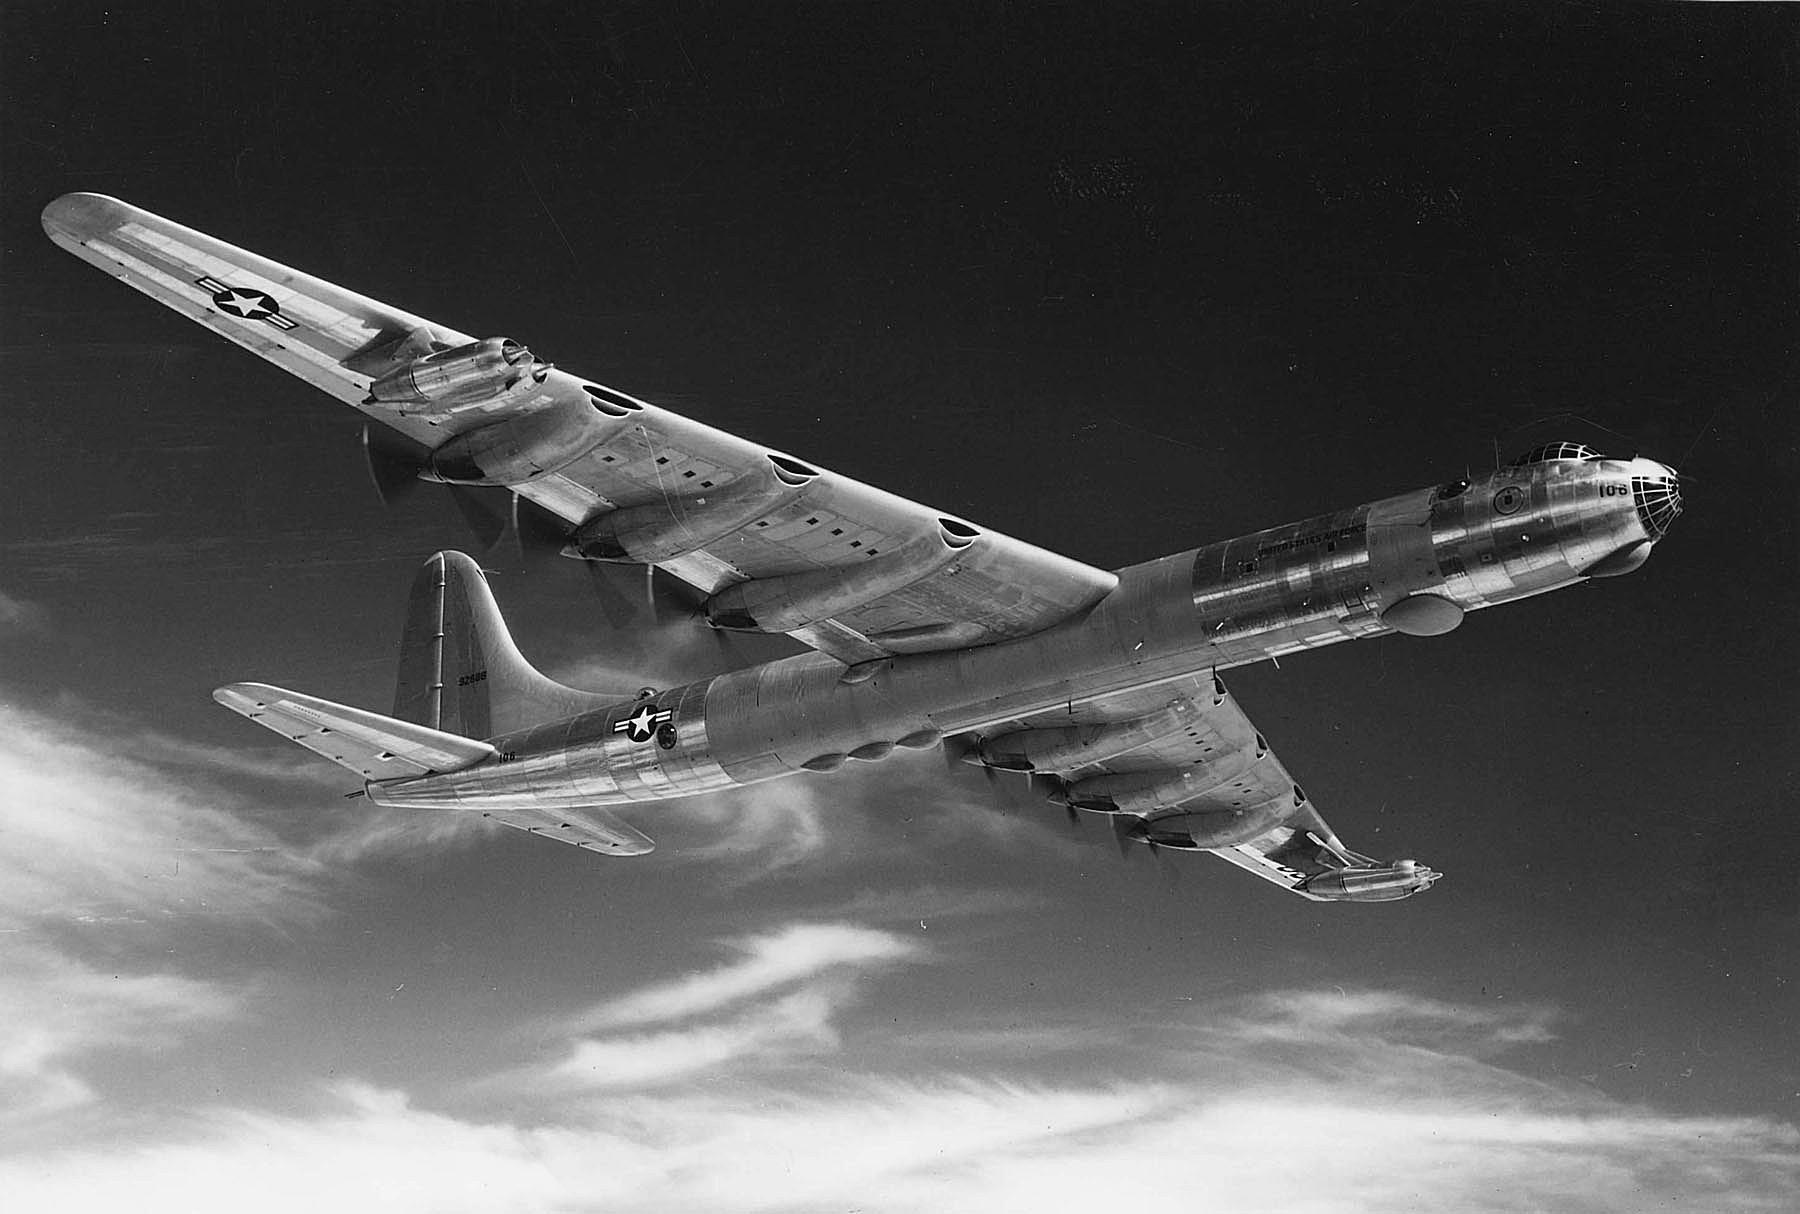 B-36 bomber